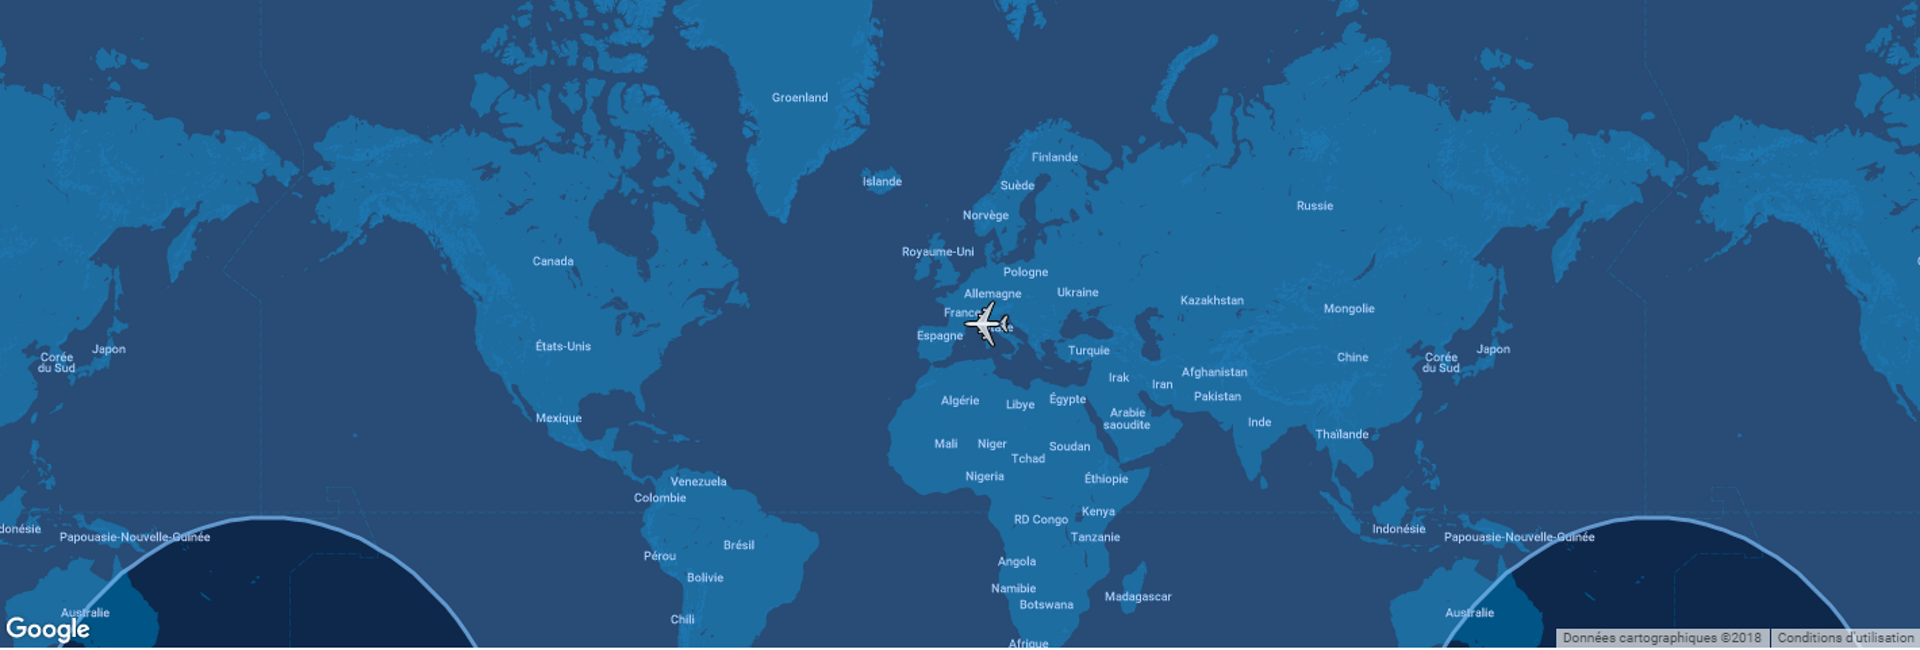 该图显示了空中客车A330-800商用飞机上覆盖在全球地图上的典型范围。乐动体育西甲赞助品牌乐动体育app靠谱吗